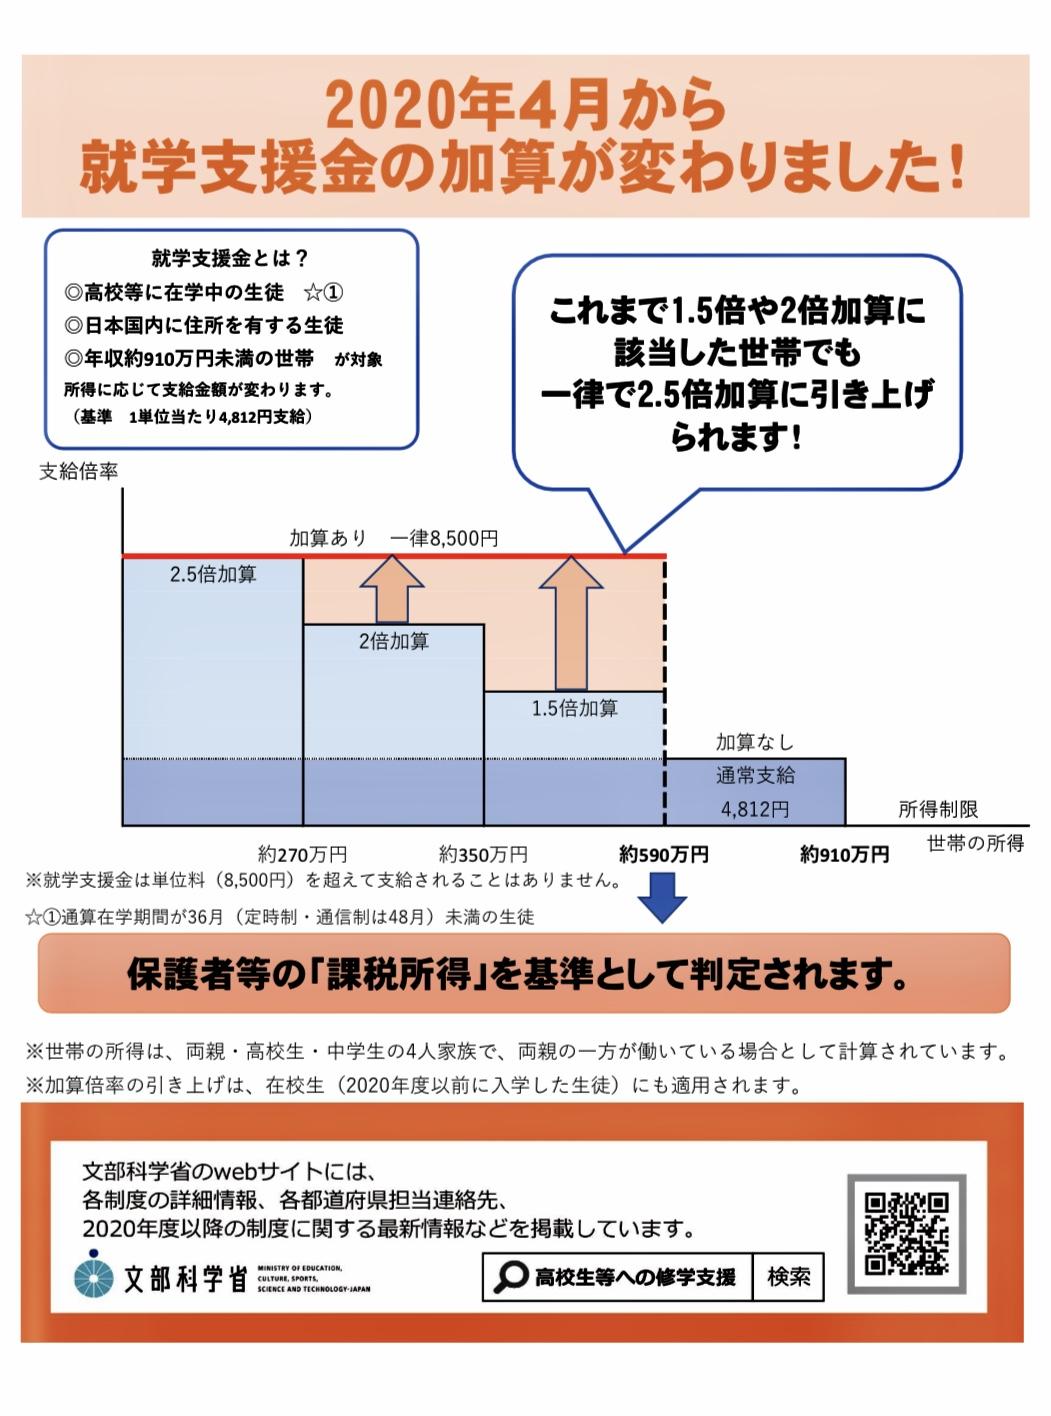 就学支援金は通信制高校の精華学園高校東京ボイス校にももちろん適用されます